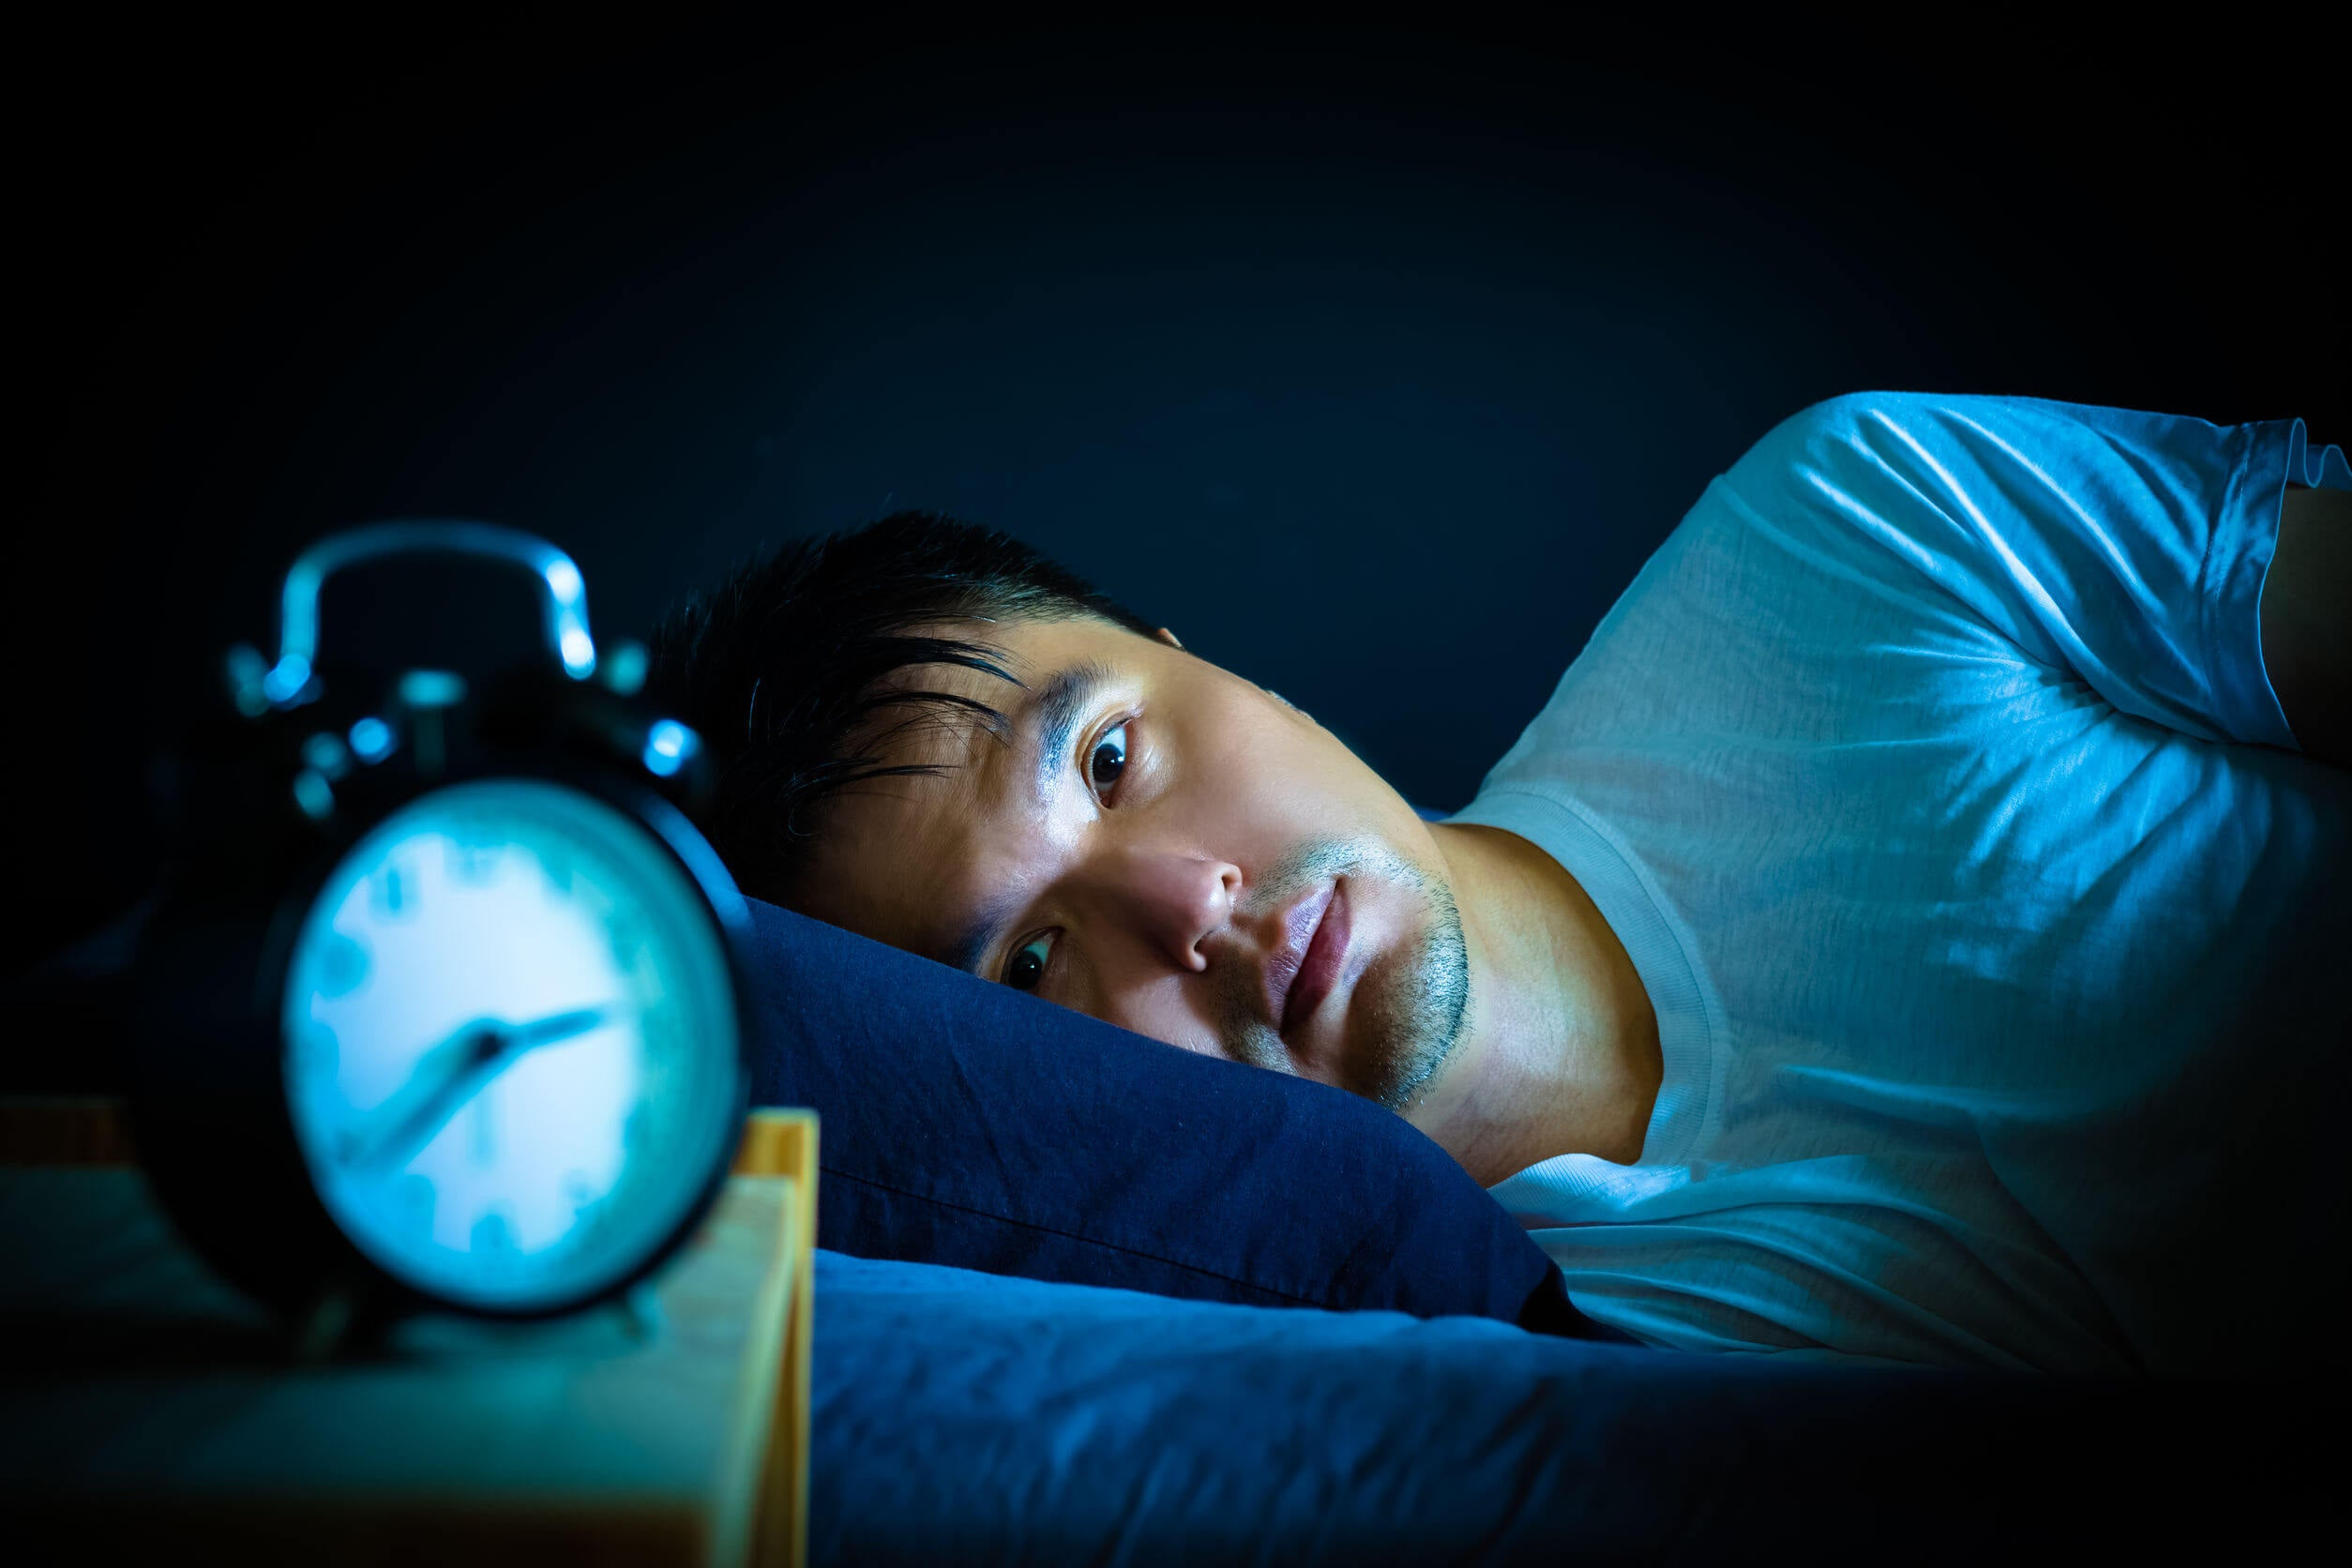 Los pensamientos constantes pueden empeorar los síntomas si te desvelas.